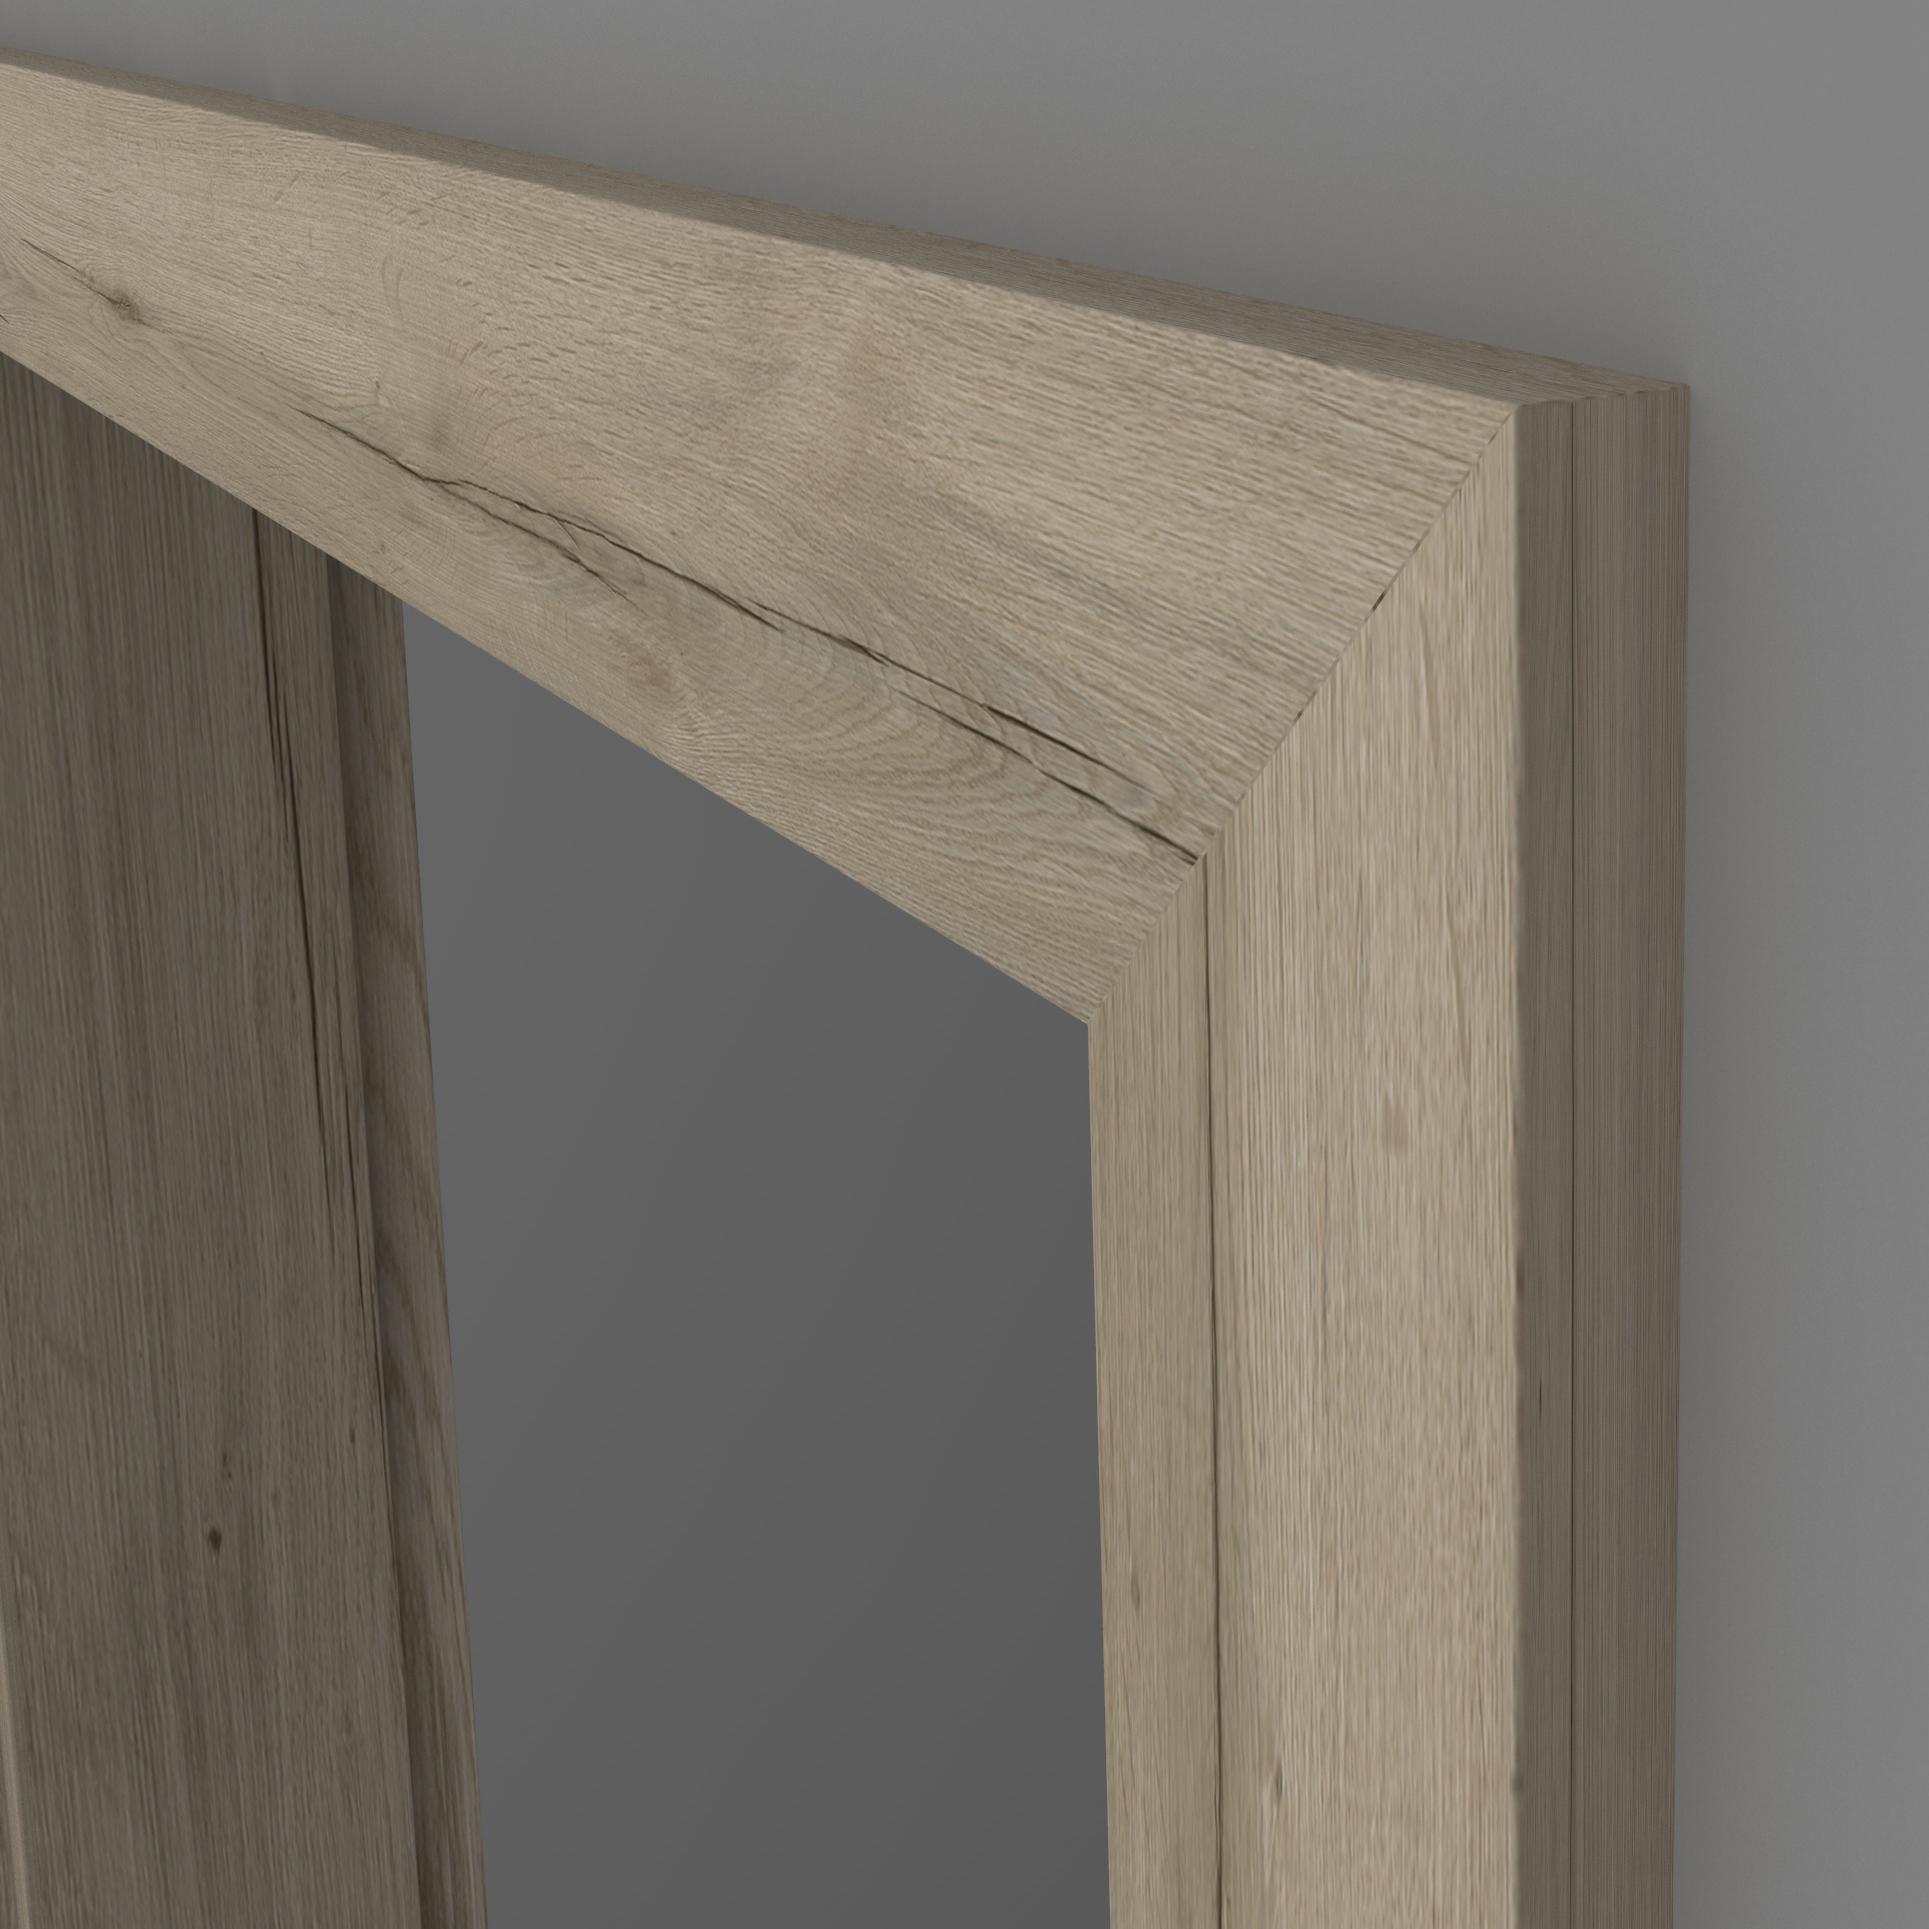 Designkante - 60 mm / 80 mm